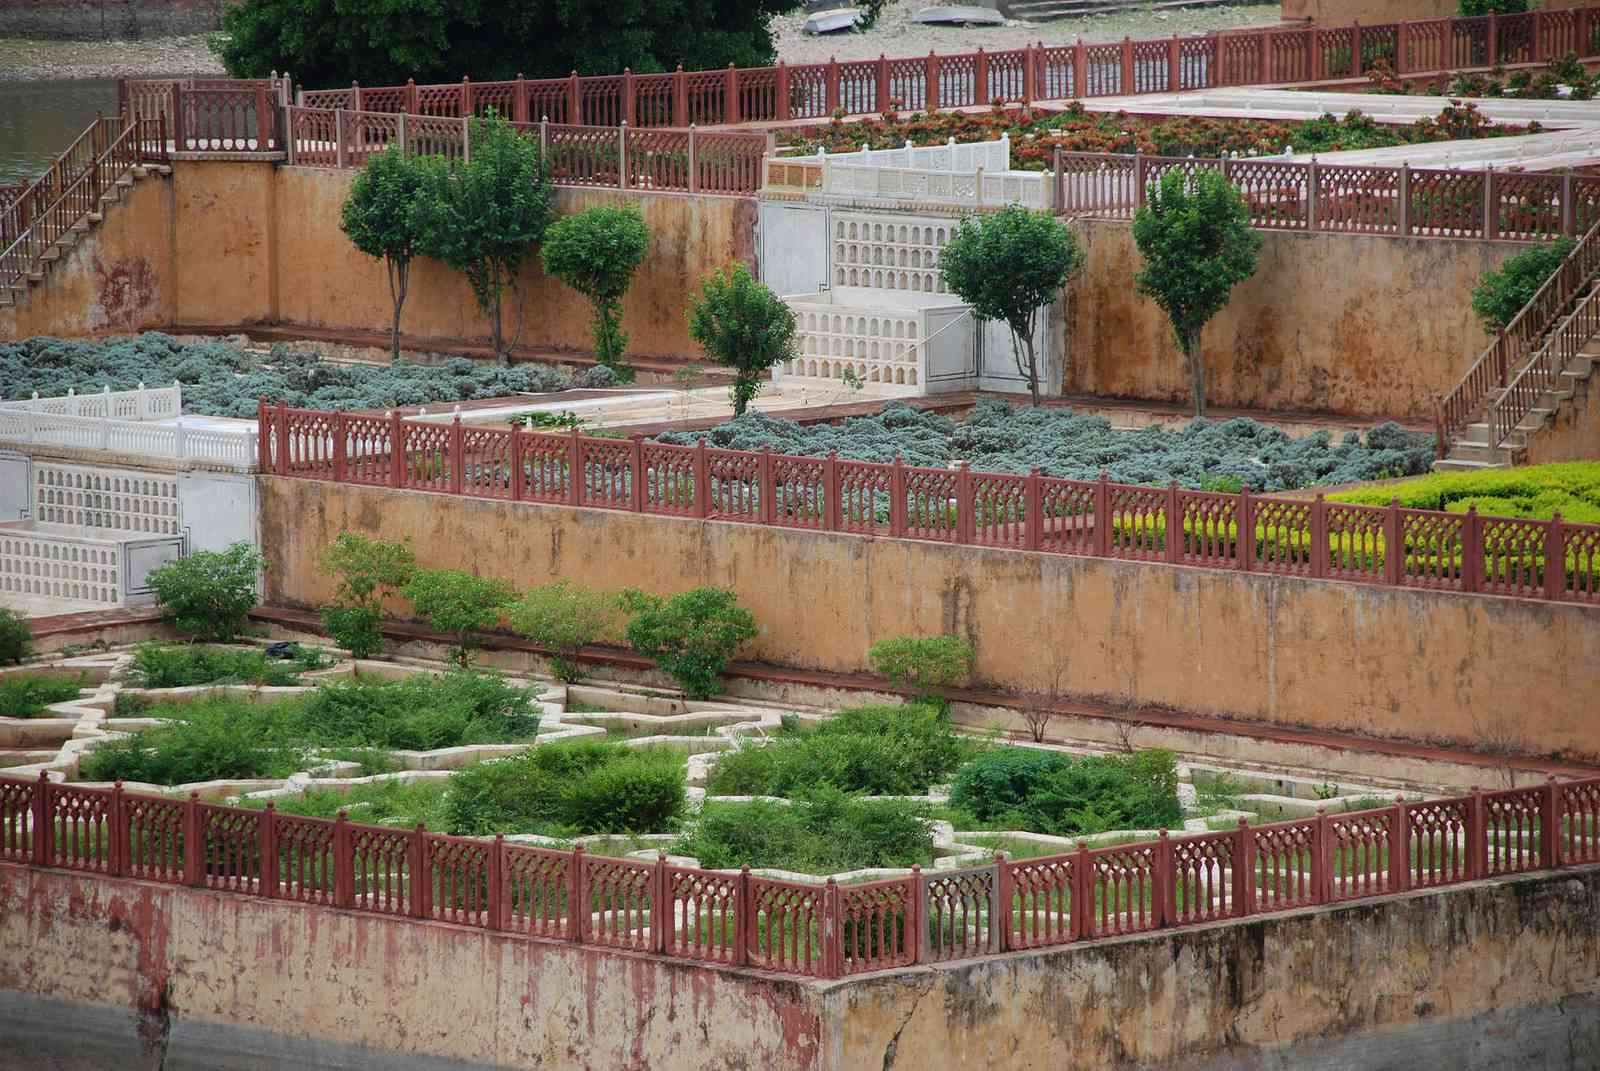 Kesar Kyari, Amer Fort, Jaipur